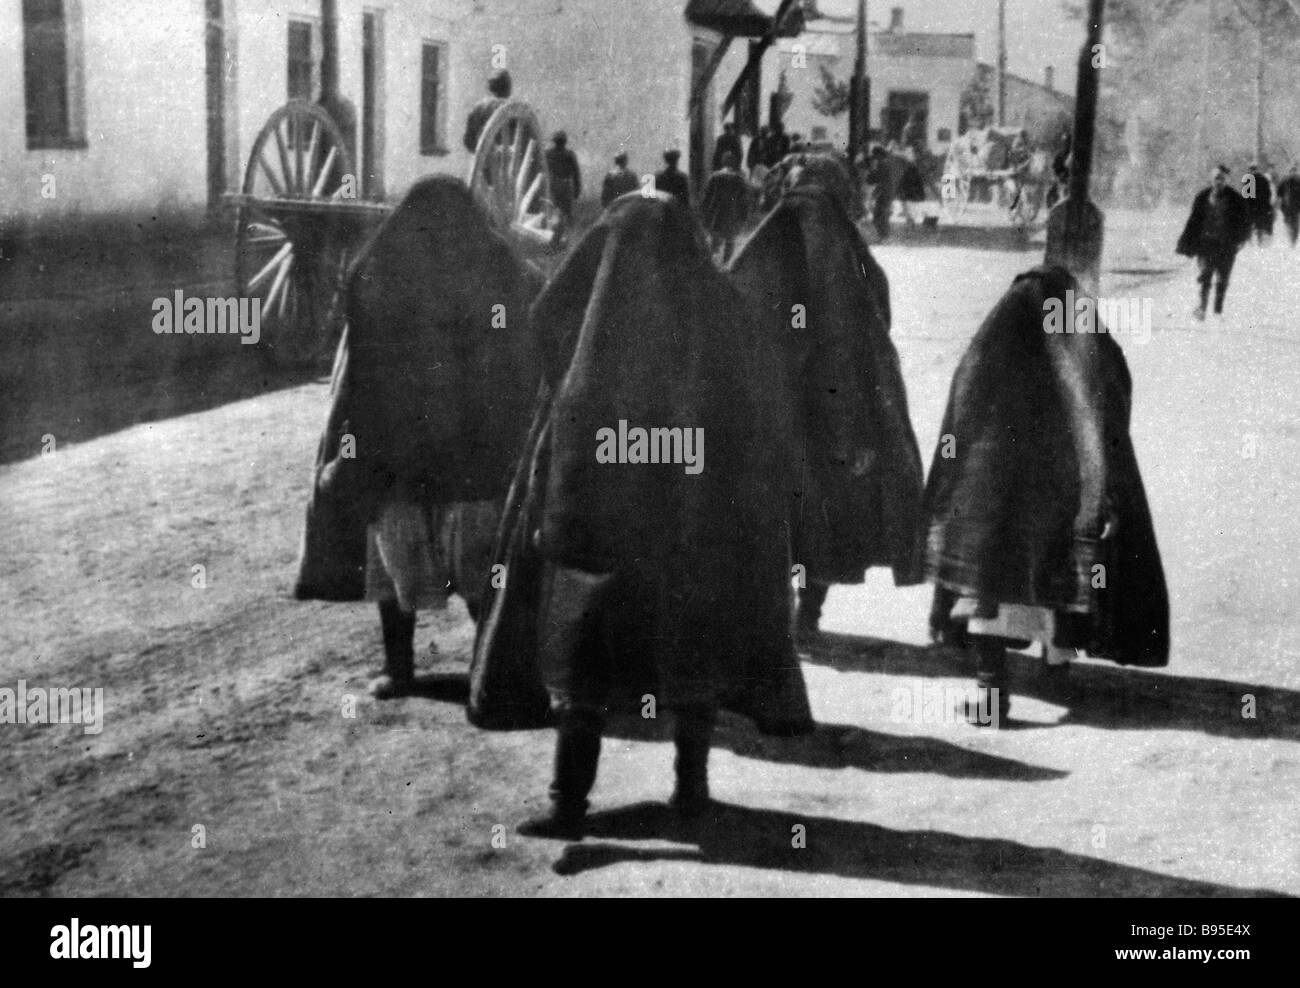 Uzbek women wearing yashmaks - Stock Image